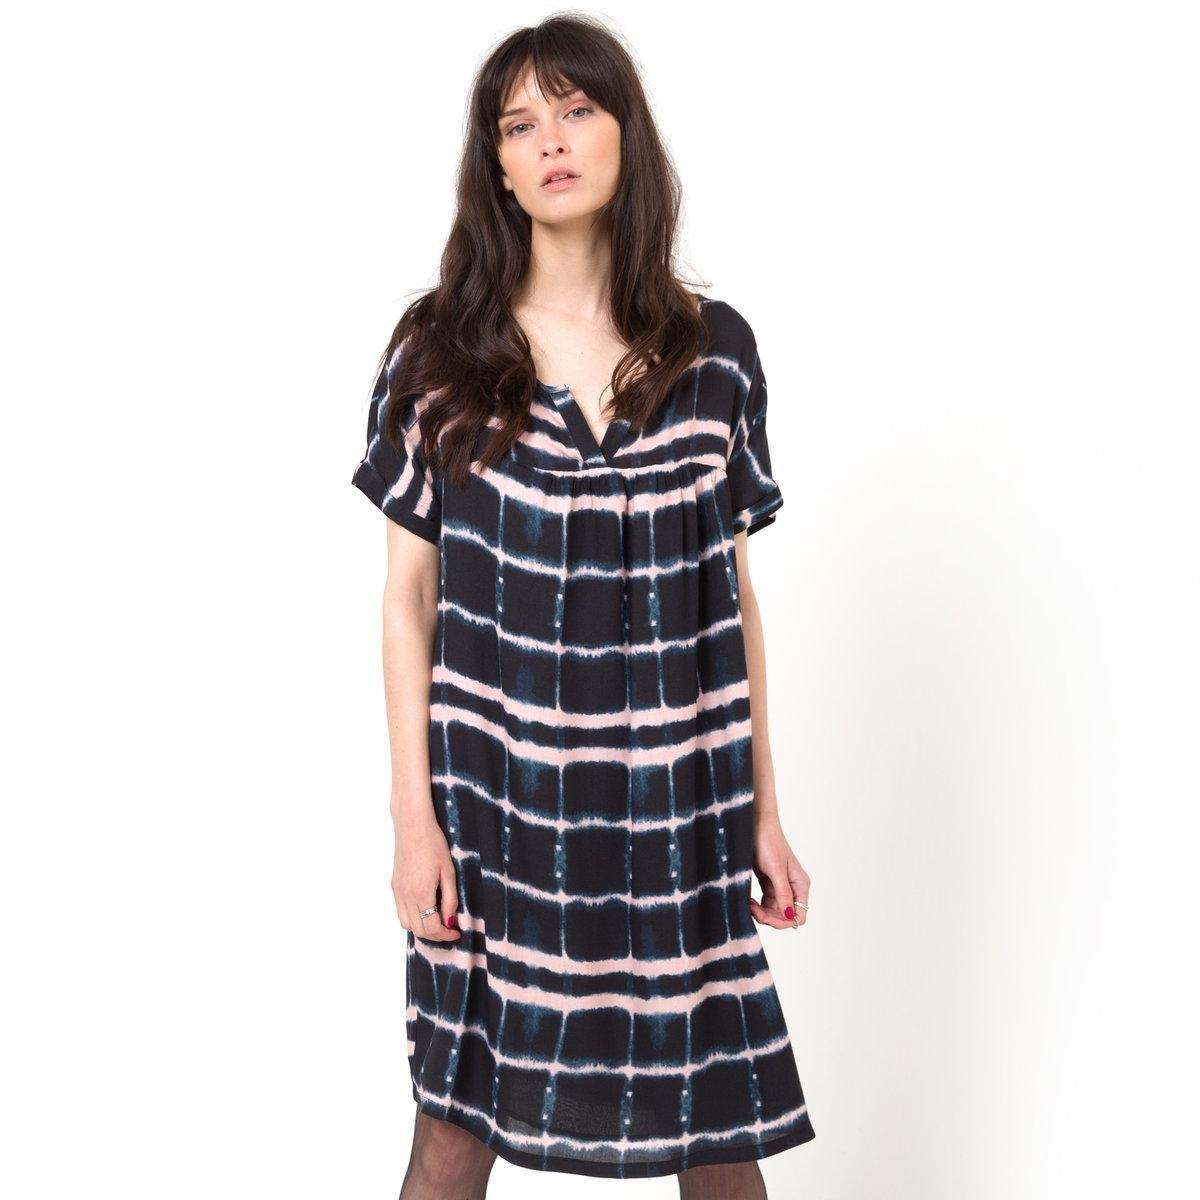 Платье с рисункомПлатье в клетку, 100% вискозы. Свободный покрой бэйби-долл. Короткие рукава. Круглый вырез. Длина 92 см.<br><br>Цвет: в клетку бежевый/синий<br>Размер: 38 (FR) - 44 (RUS)